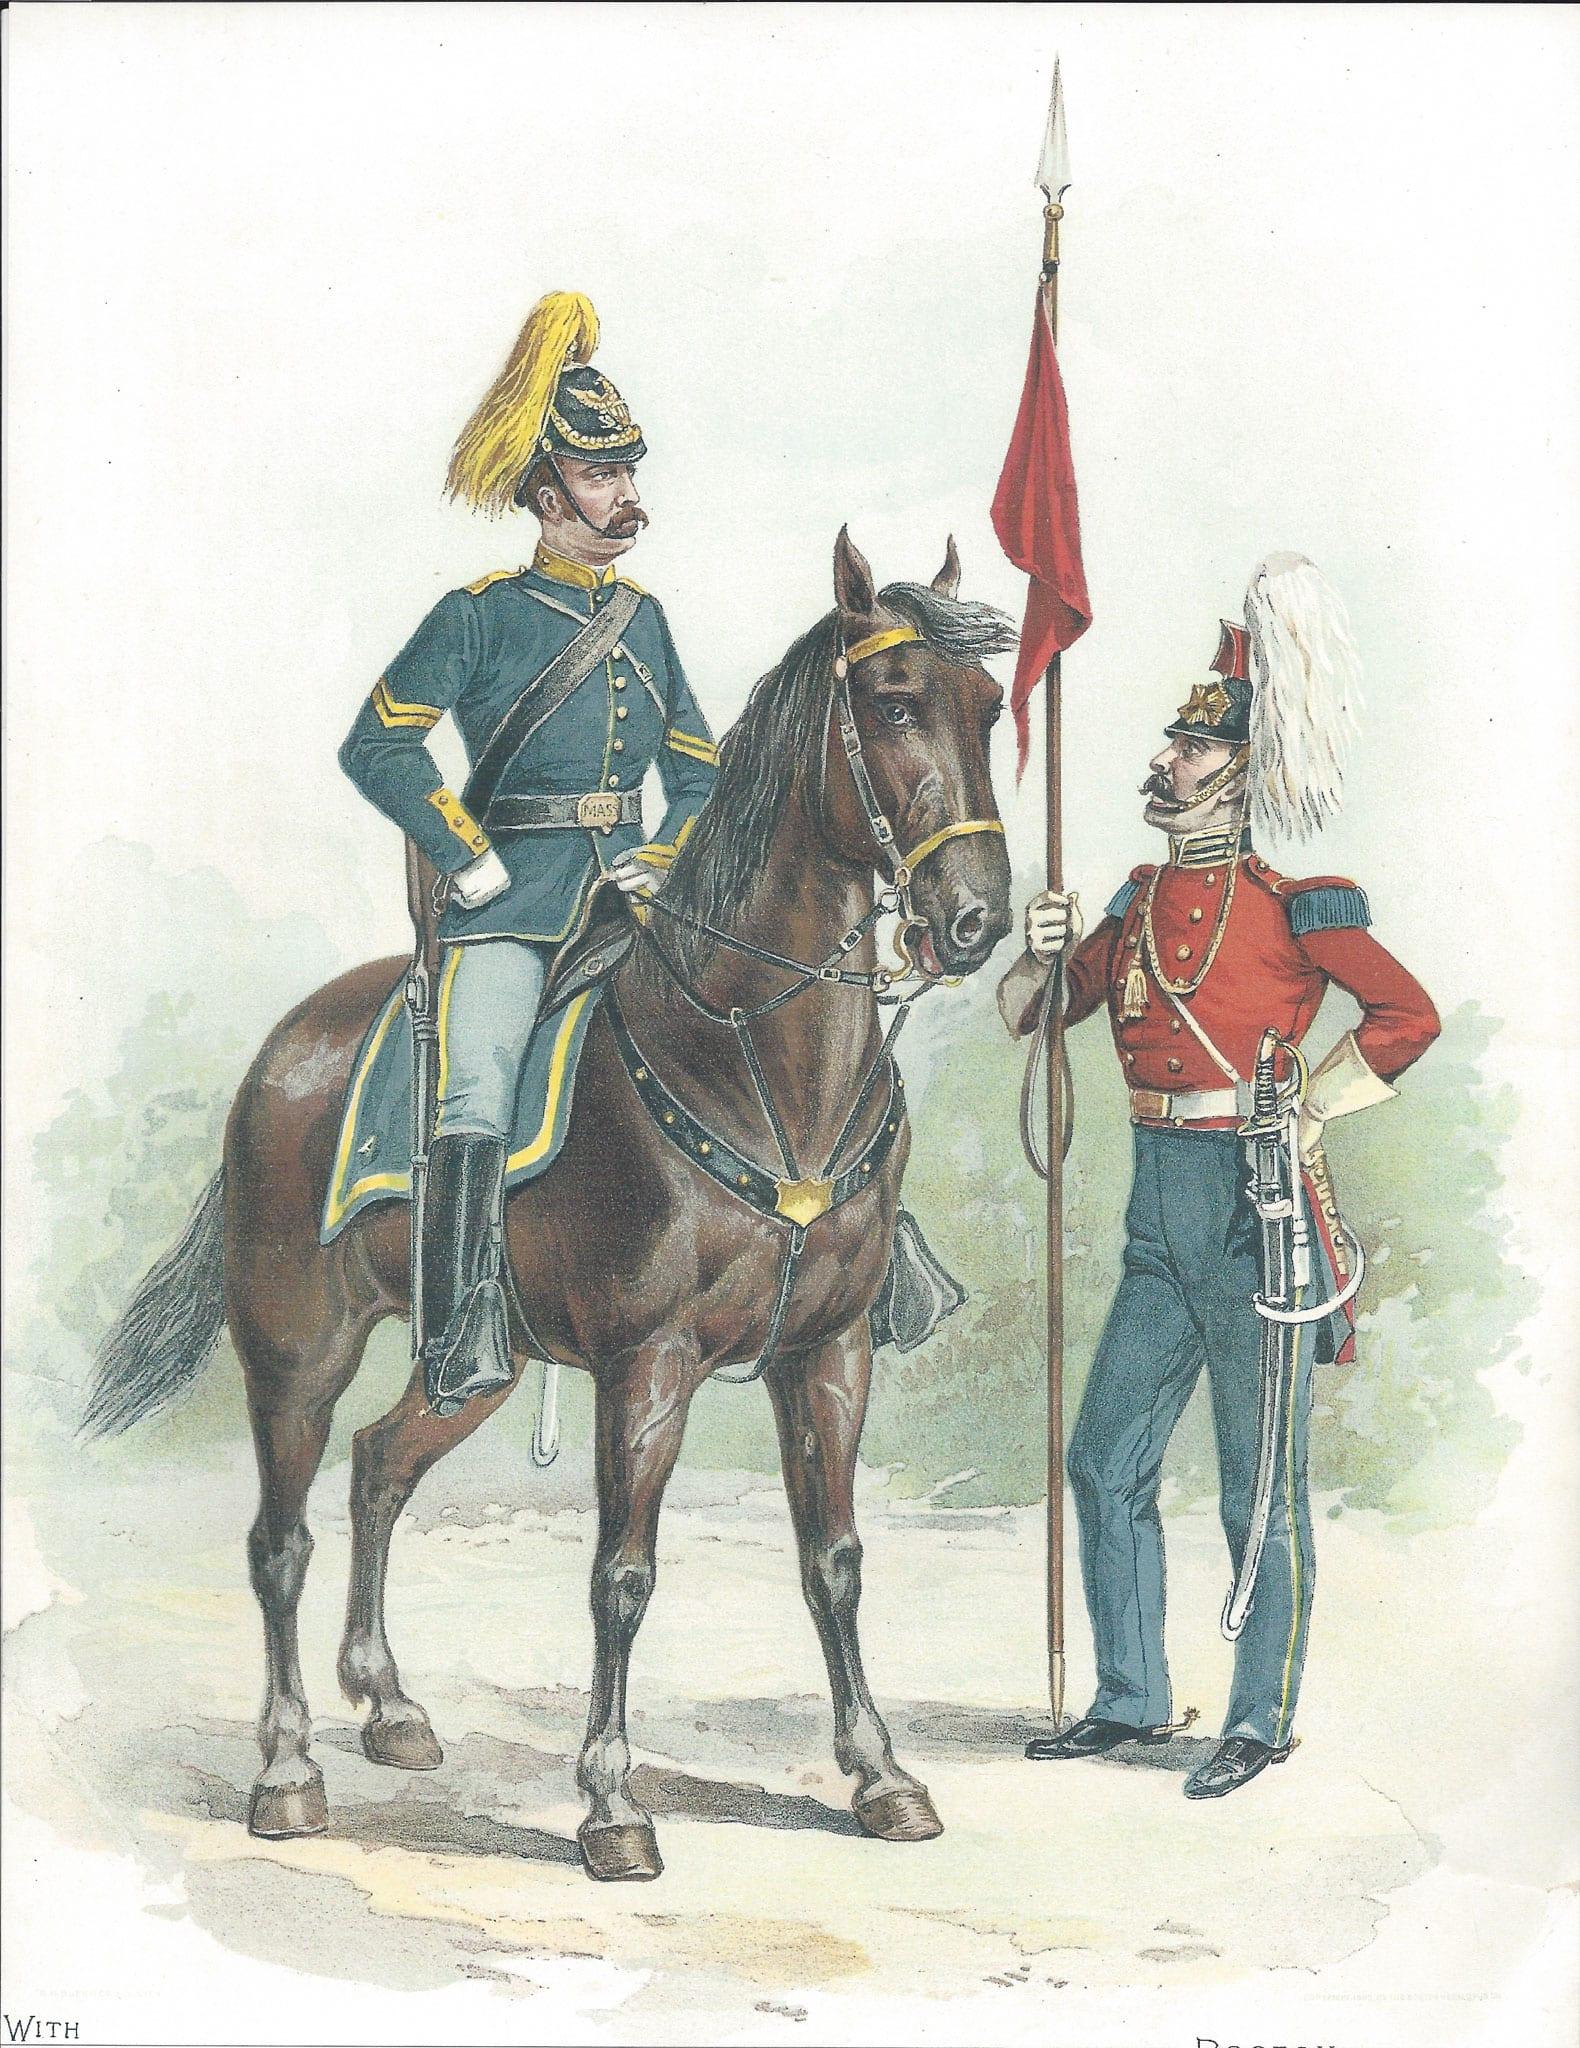 Lancers illustration